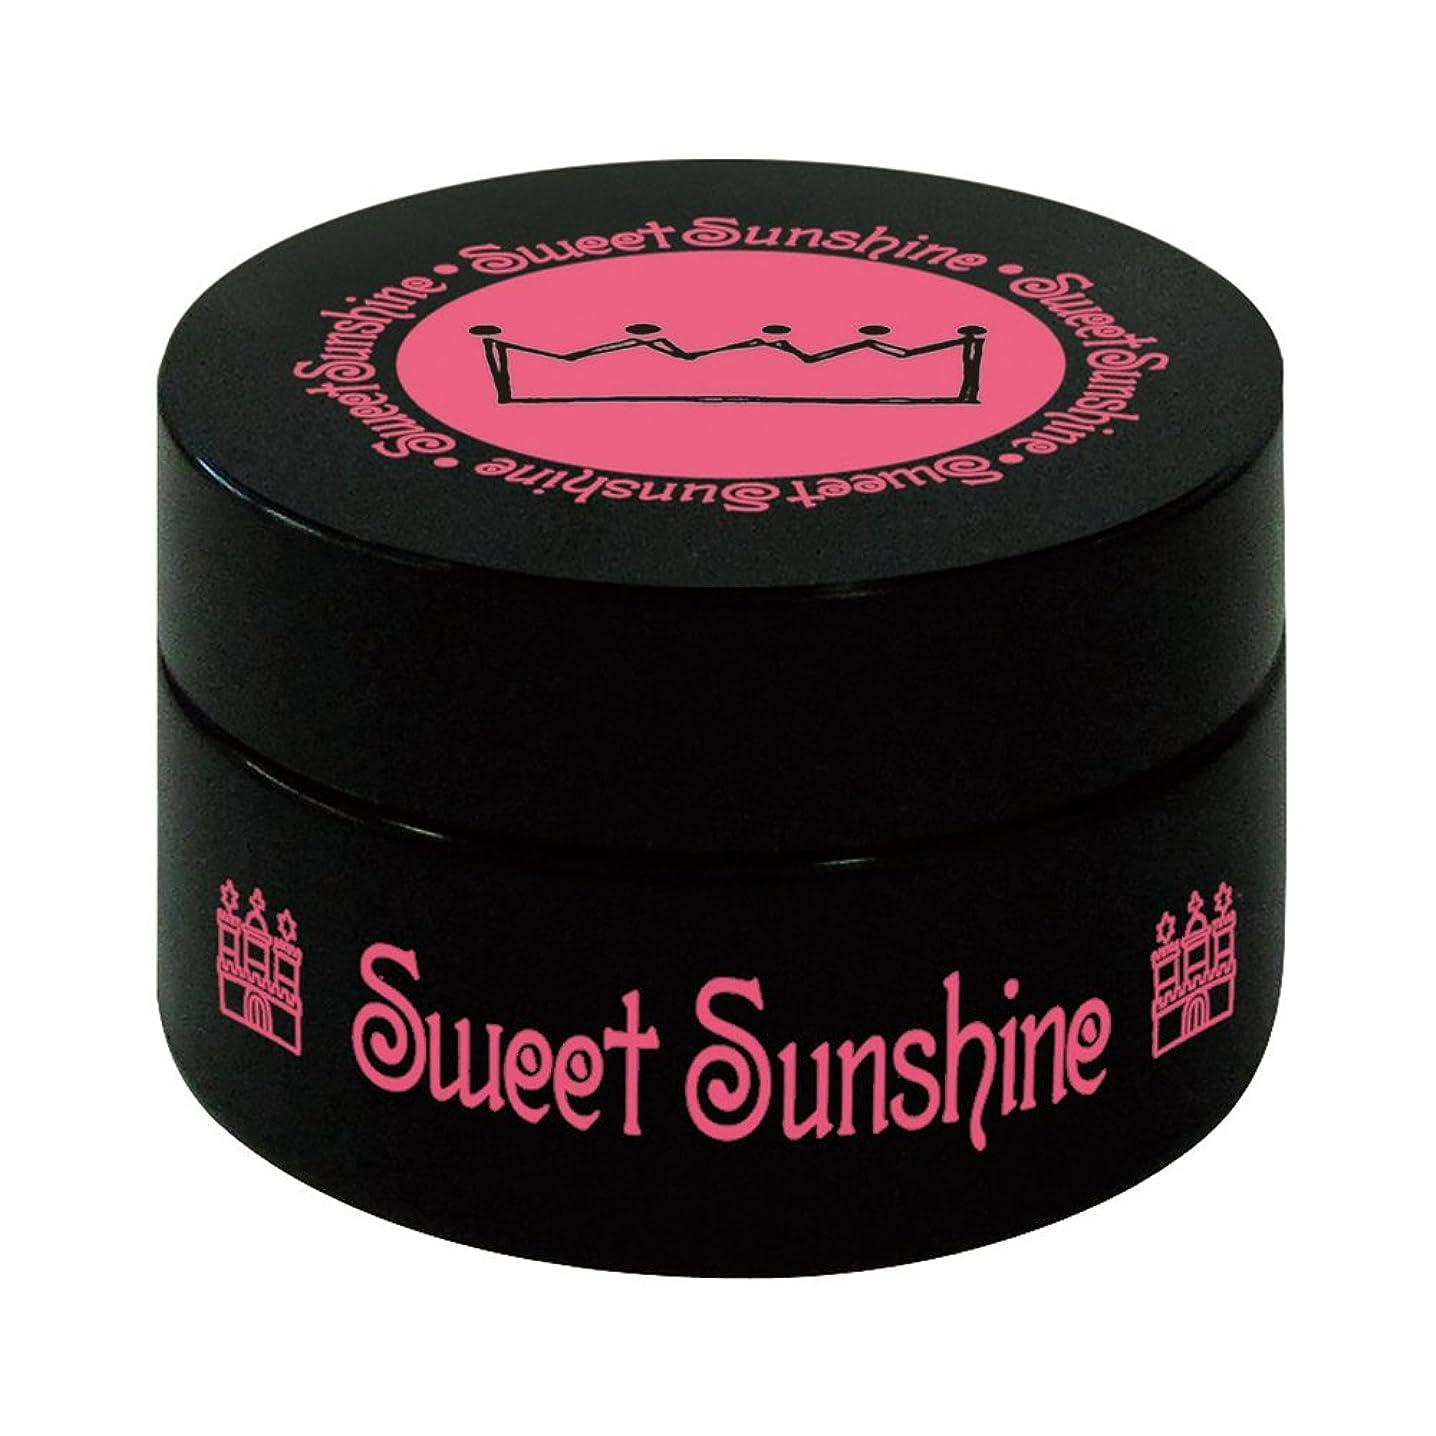 価値のないマグイタリアの最速硬化LED対応 Sweet Sunshine スィート サンシャイン カラージェル SC-26 4g パールベージュ